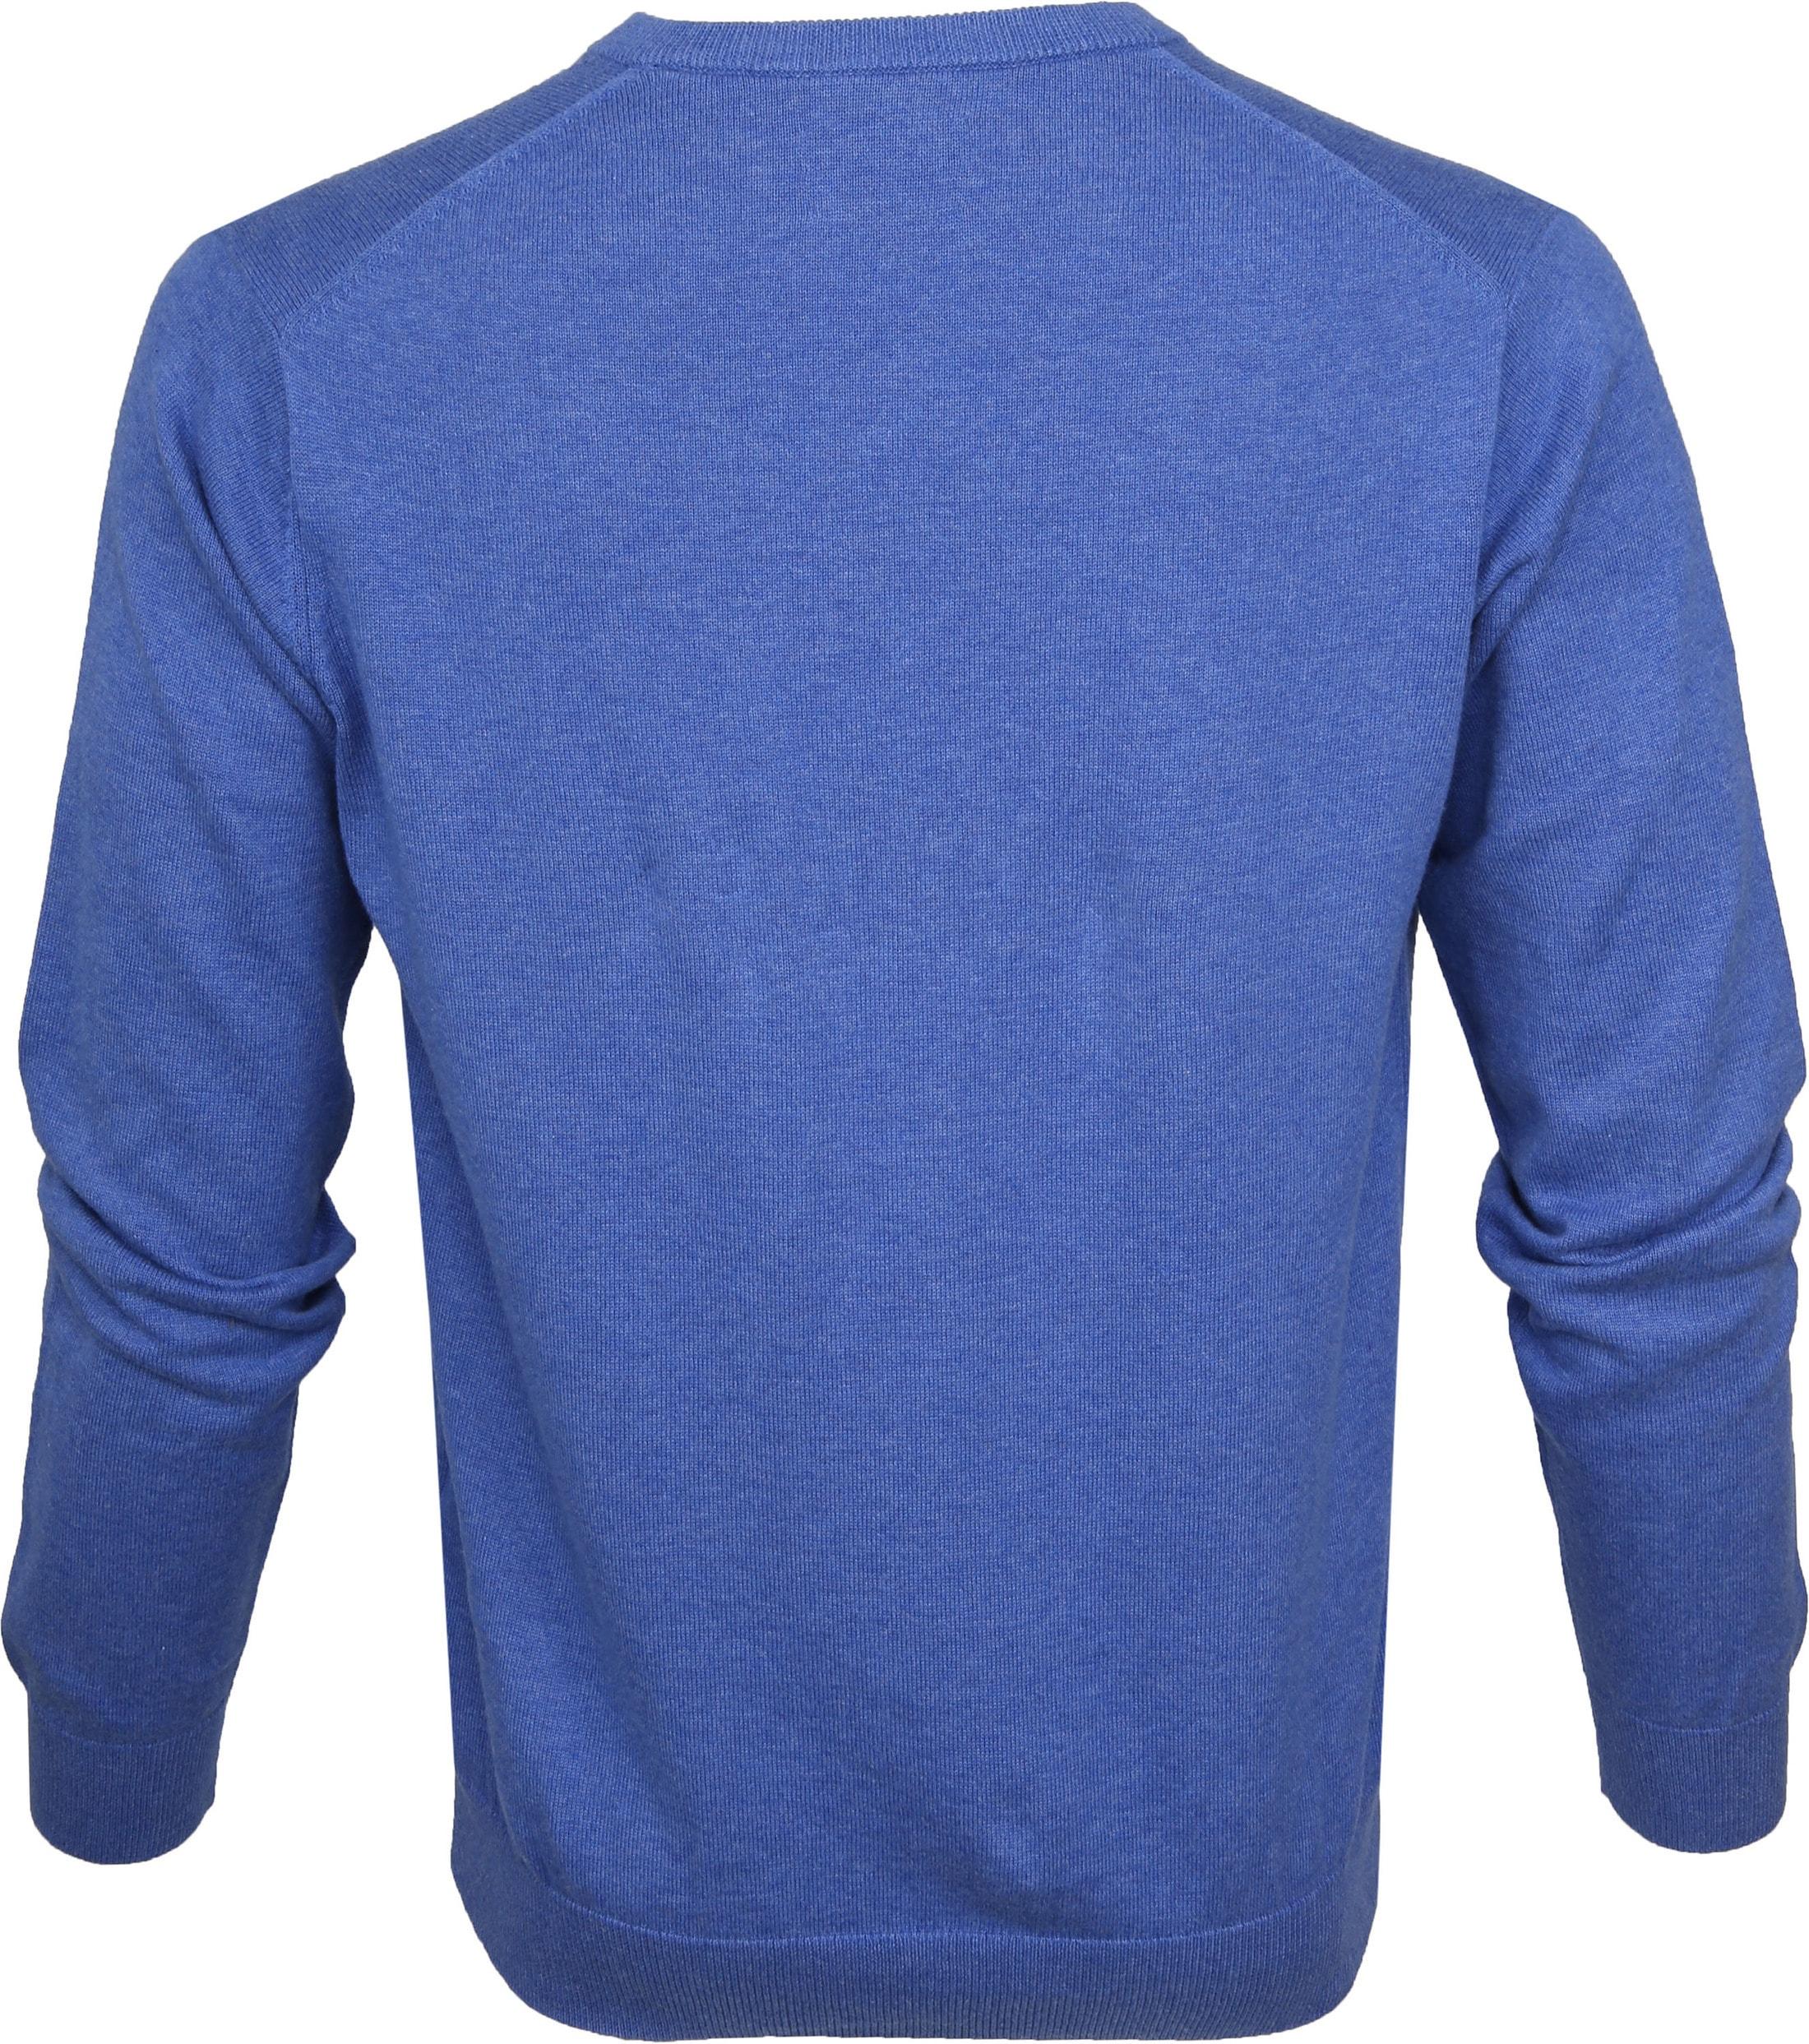 Gant Pullover Premium V-Neck Blue foto 2